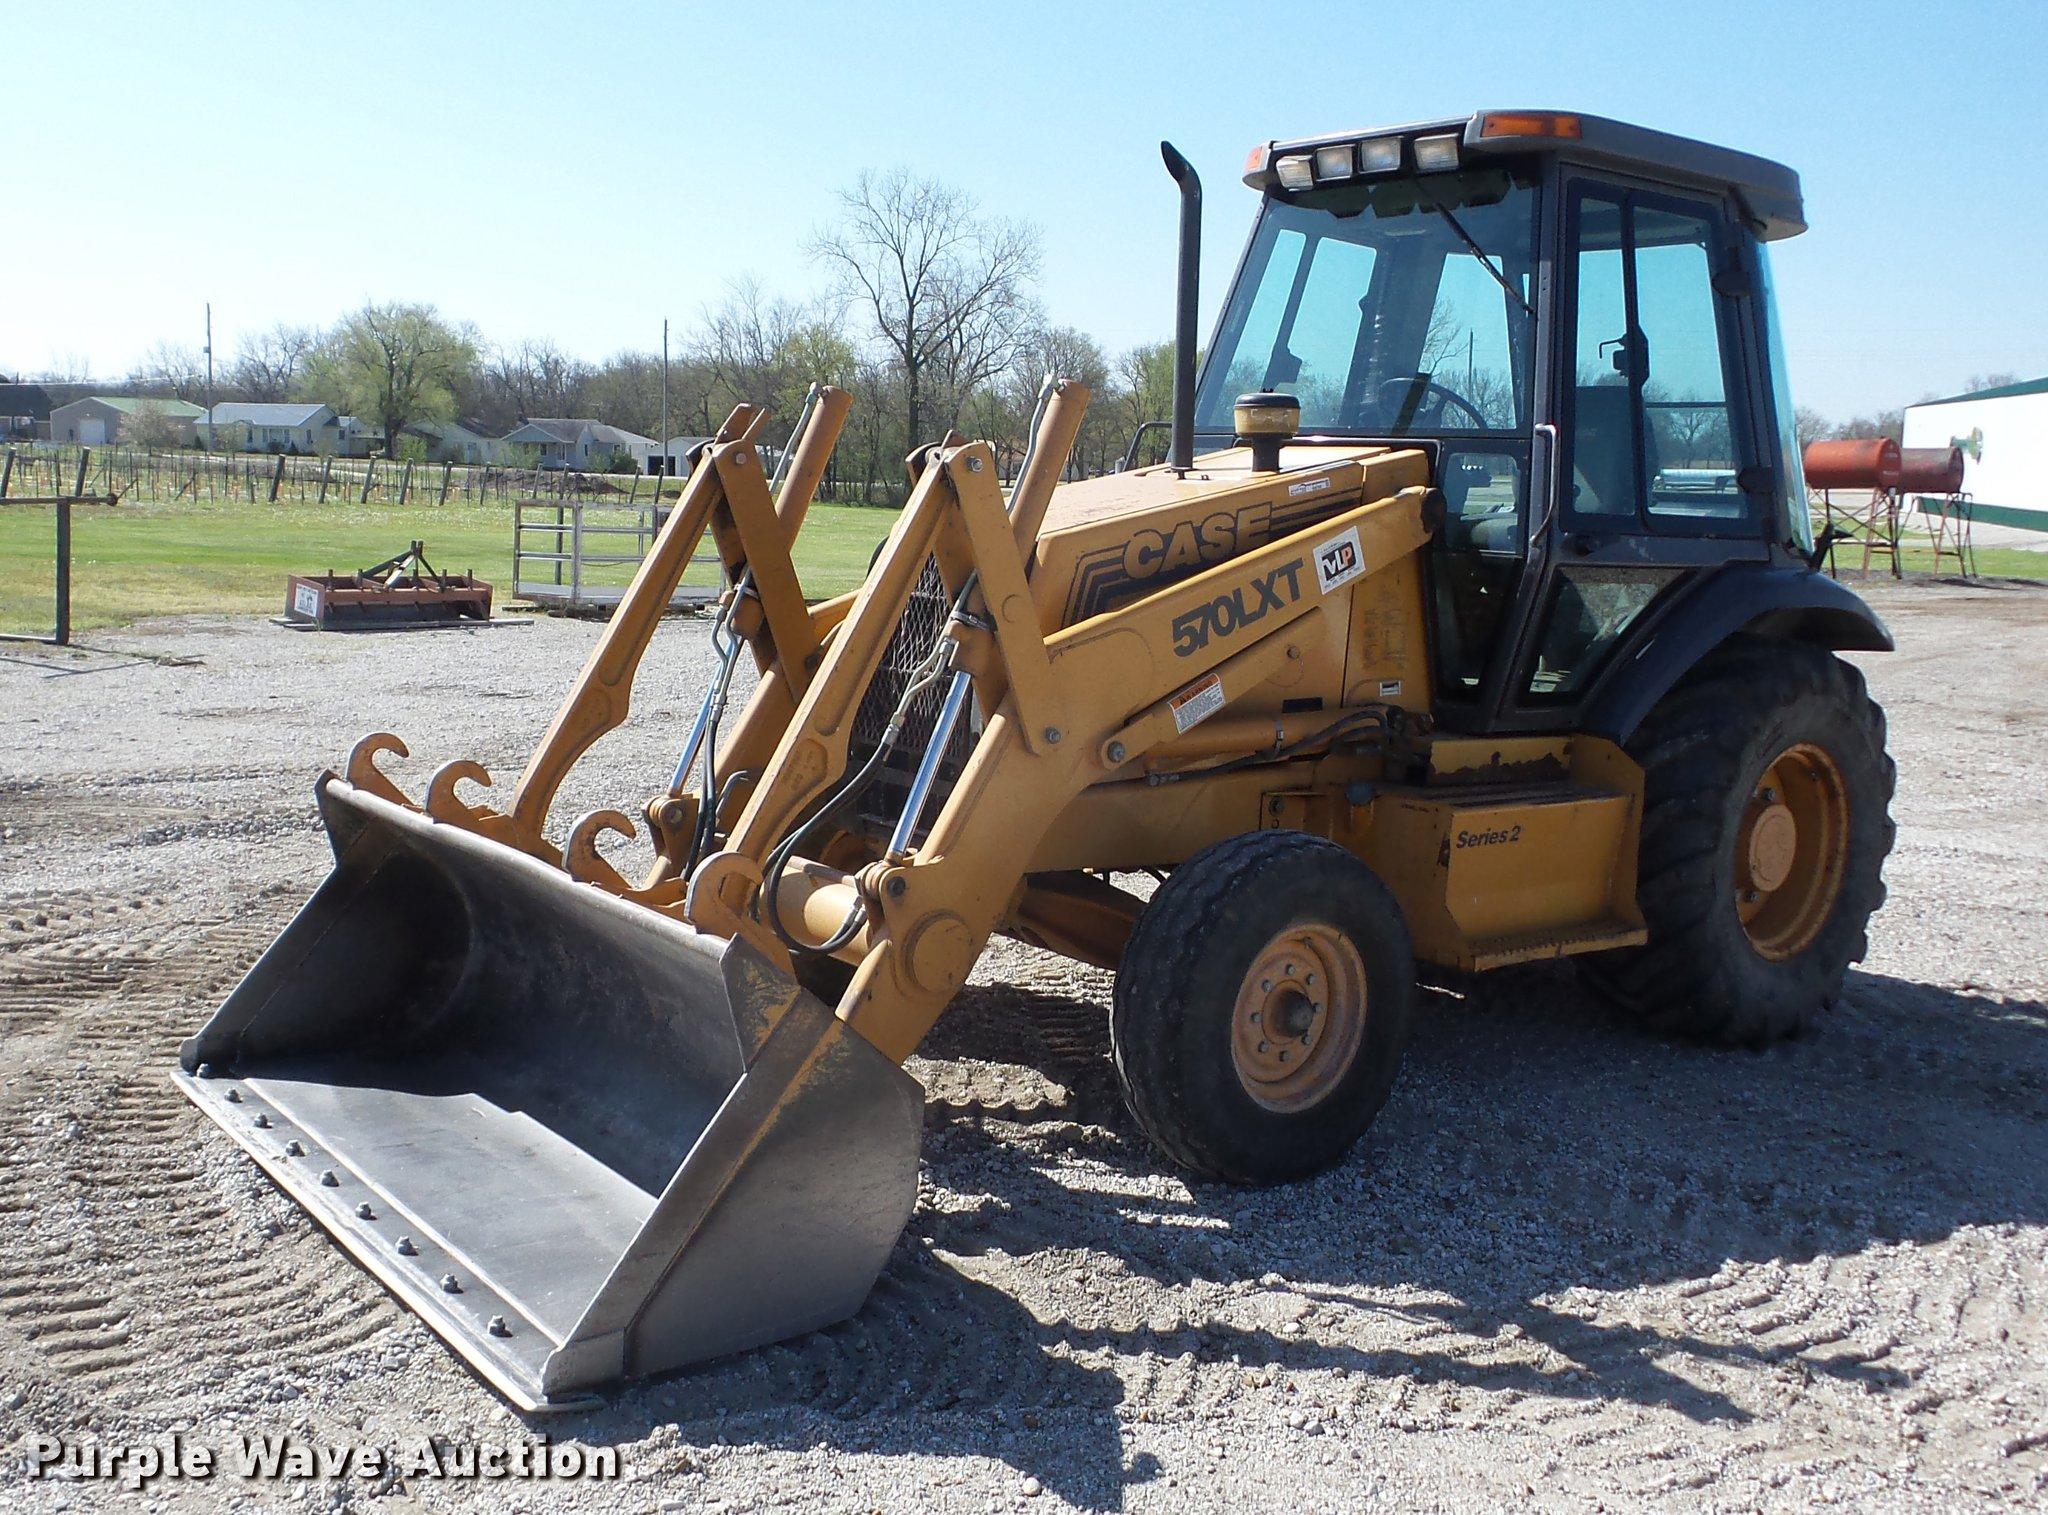 1996 Case 580L XT Series 2 landscape tractor | Item EI9790 |